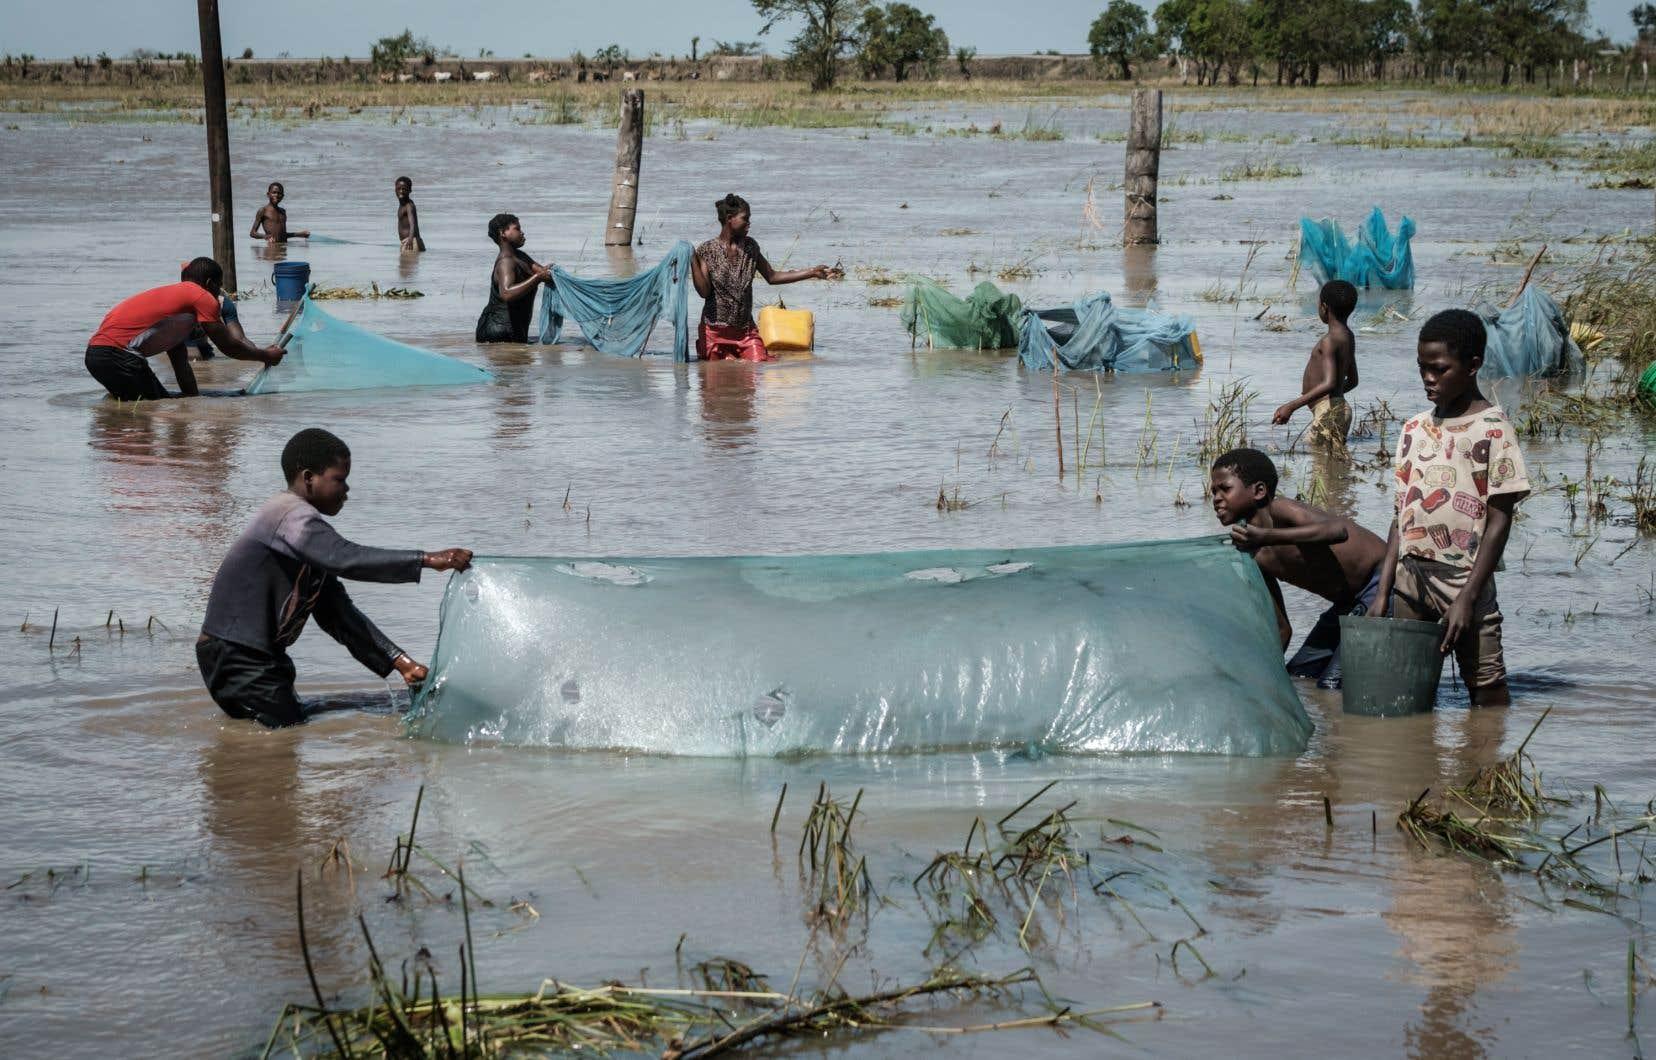 Selon des images satellites, les inondations ont formé au Mozambique un «océan intérieur» de 125km de long sur 25km de large, encore plus grand que la superficie du Luxembourg.